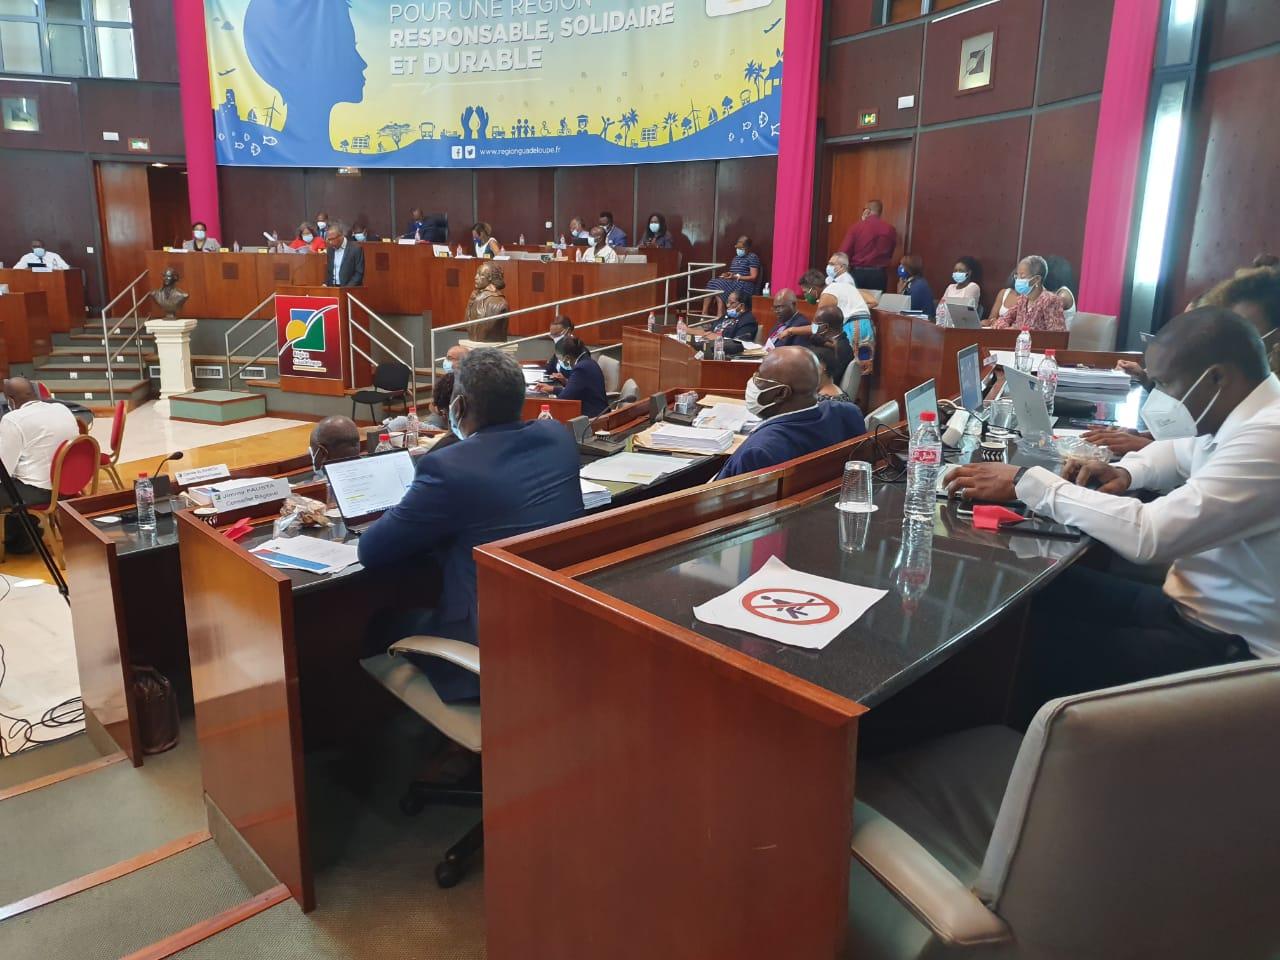 Retour sur la plénière sous tensions du Conseil régional